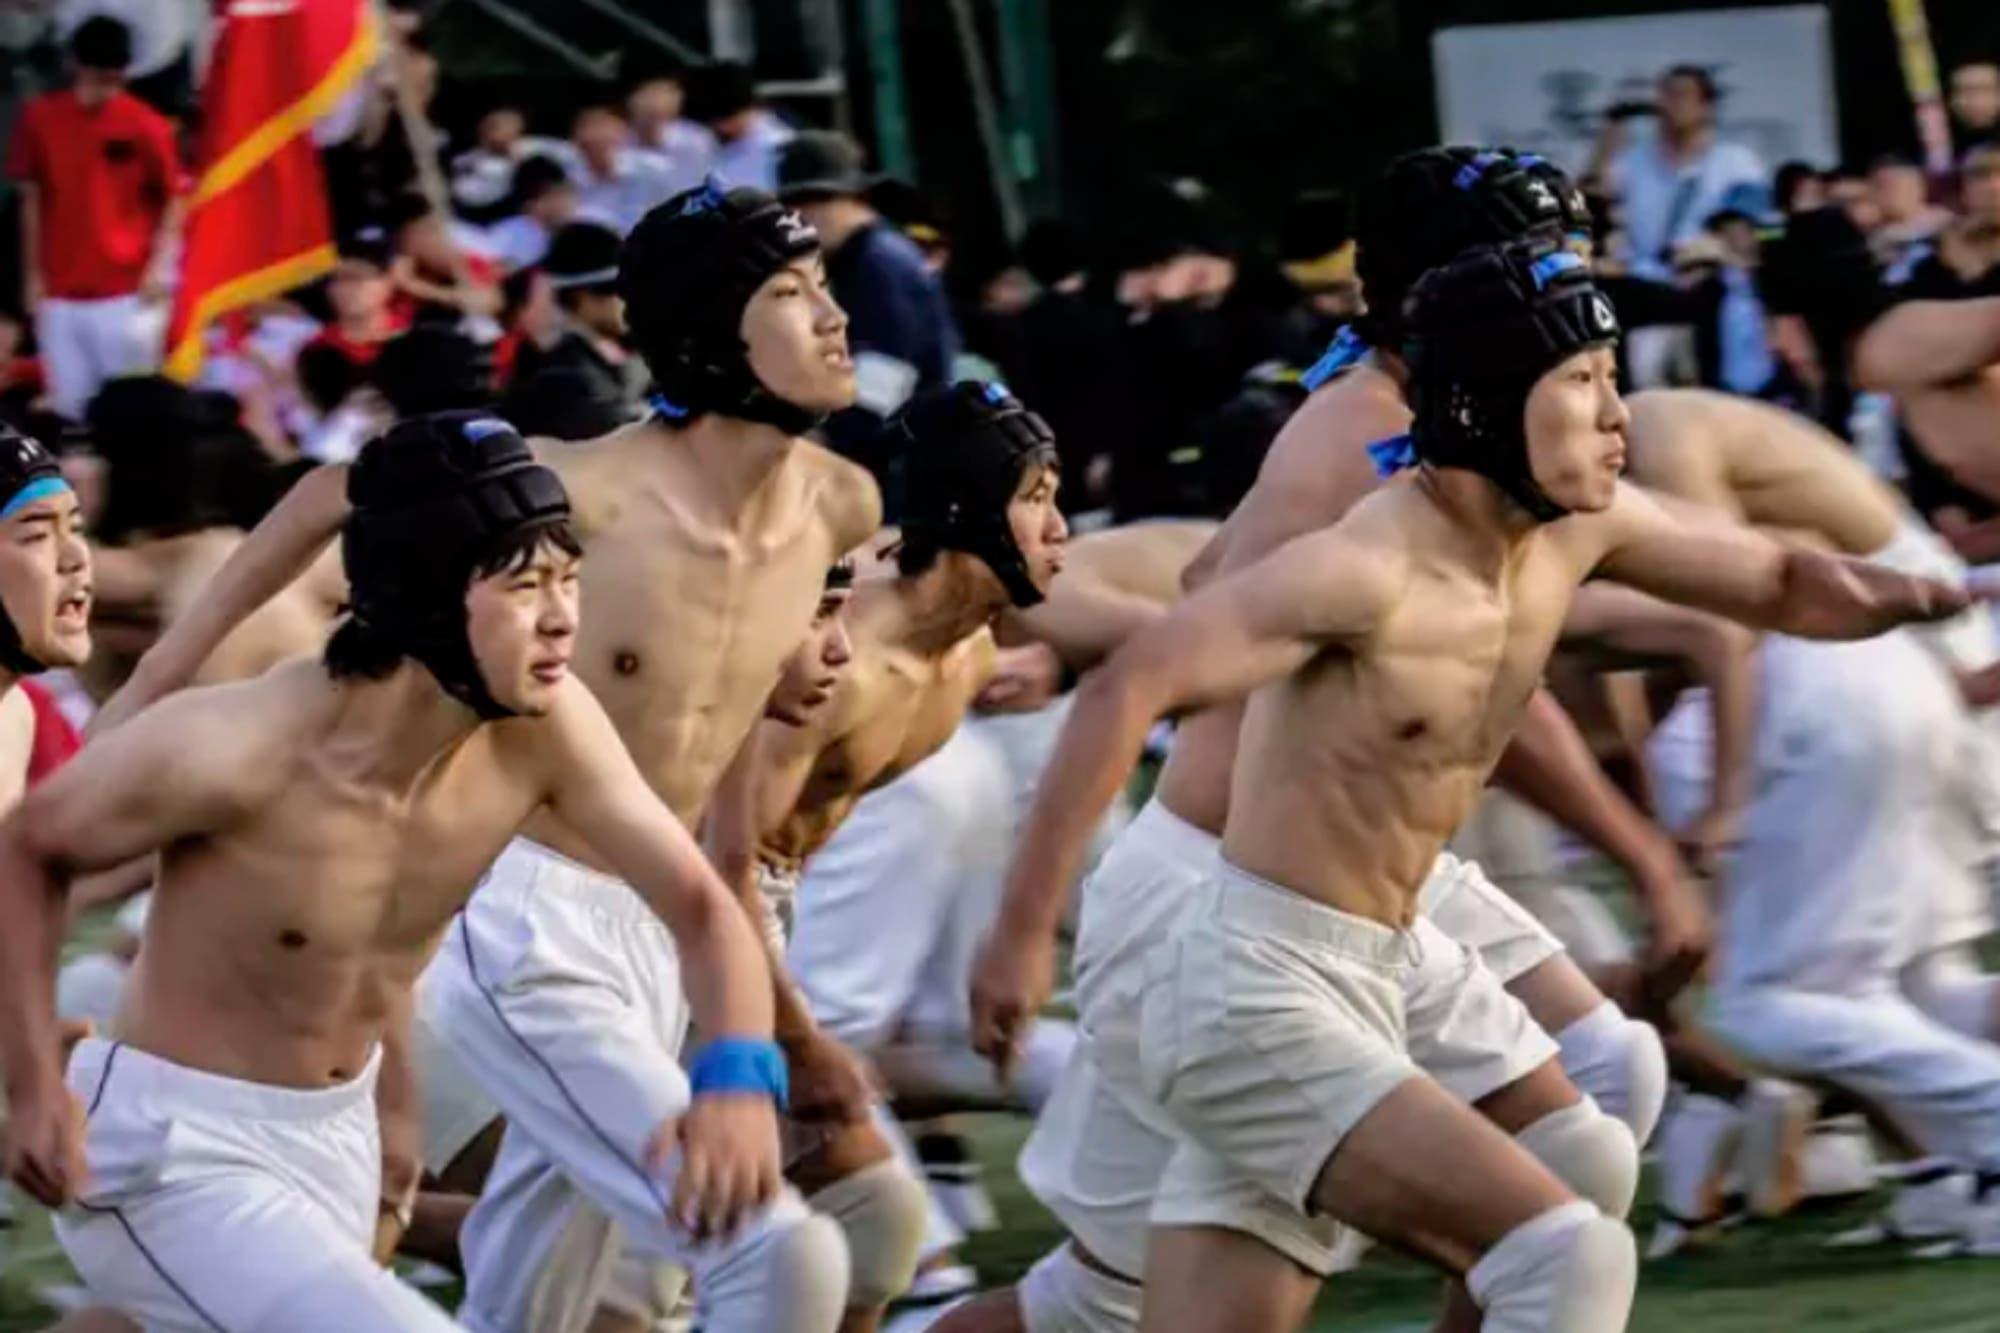 El bo-taoshi, el extraño deporte de Japón que parece una guerra de 75 contra 75